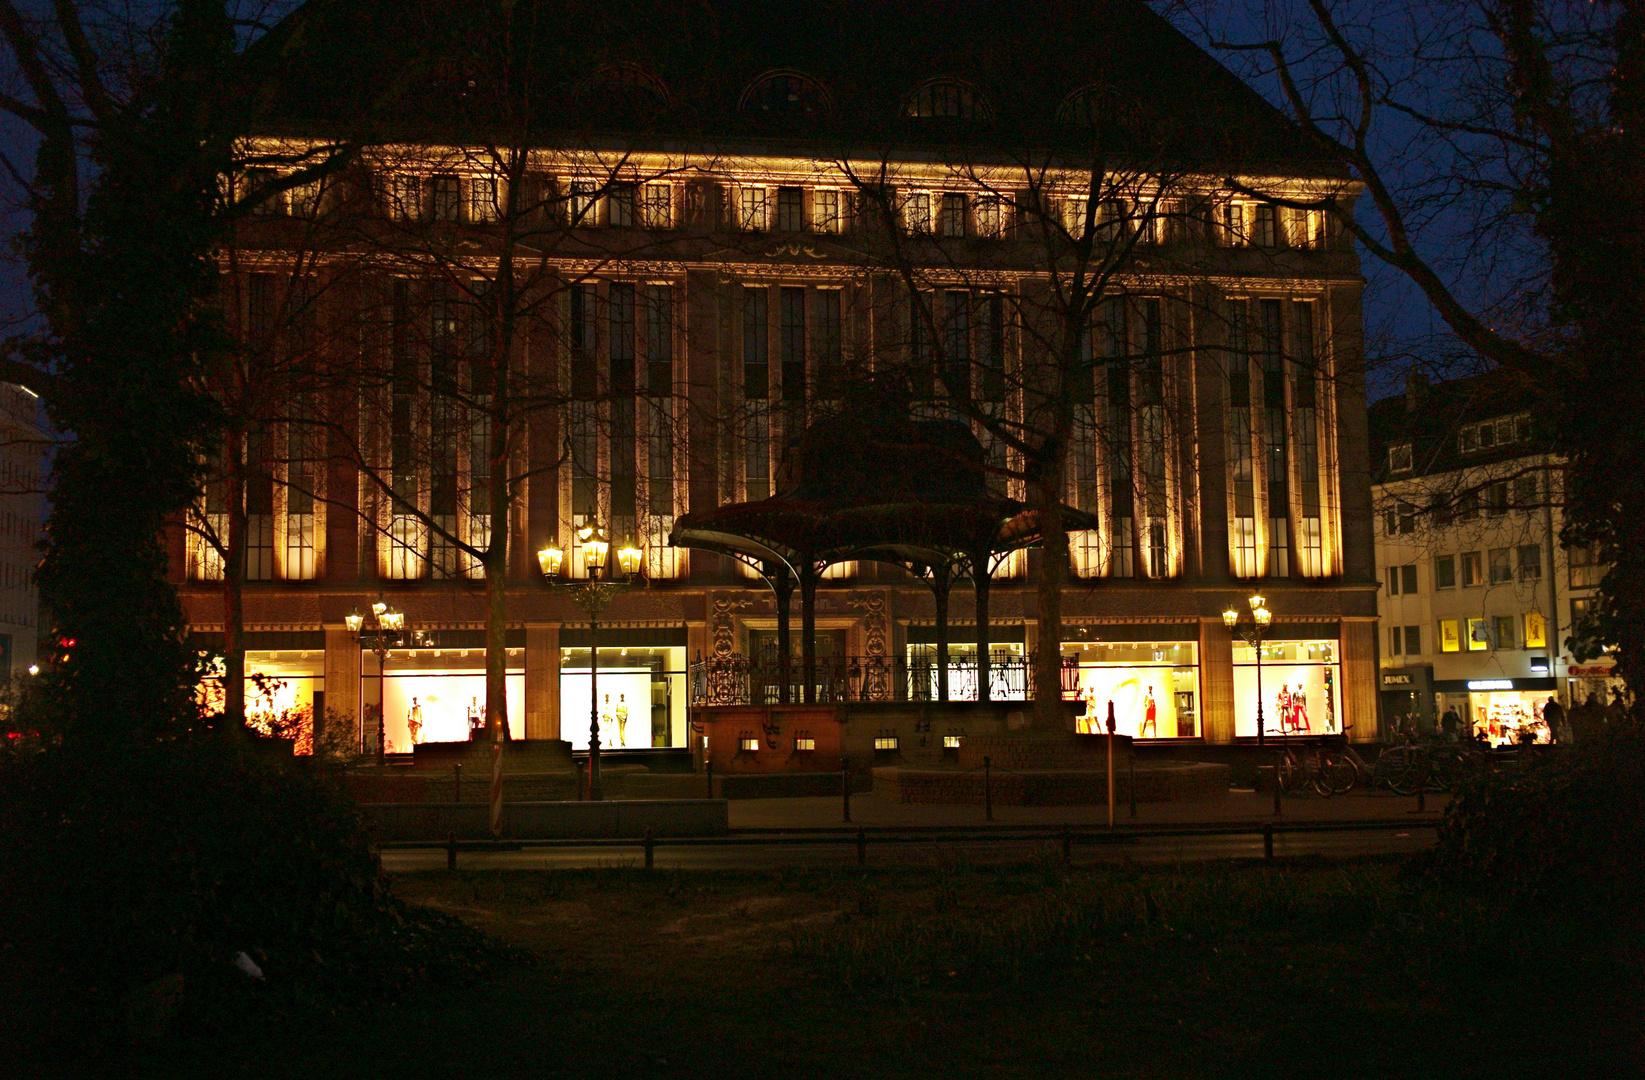 das Carschhaus in Düsseldorf bei Nacht